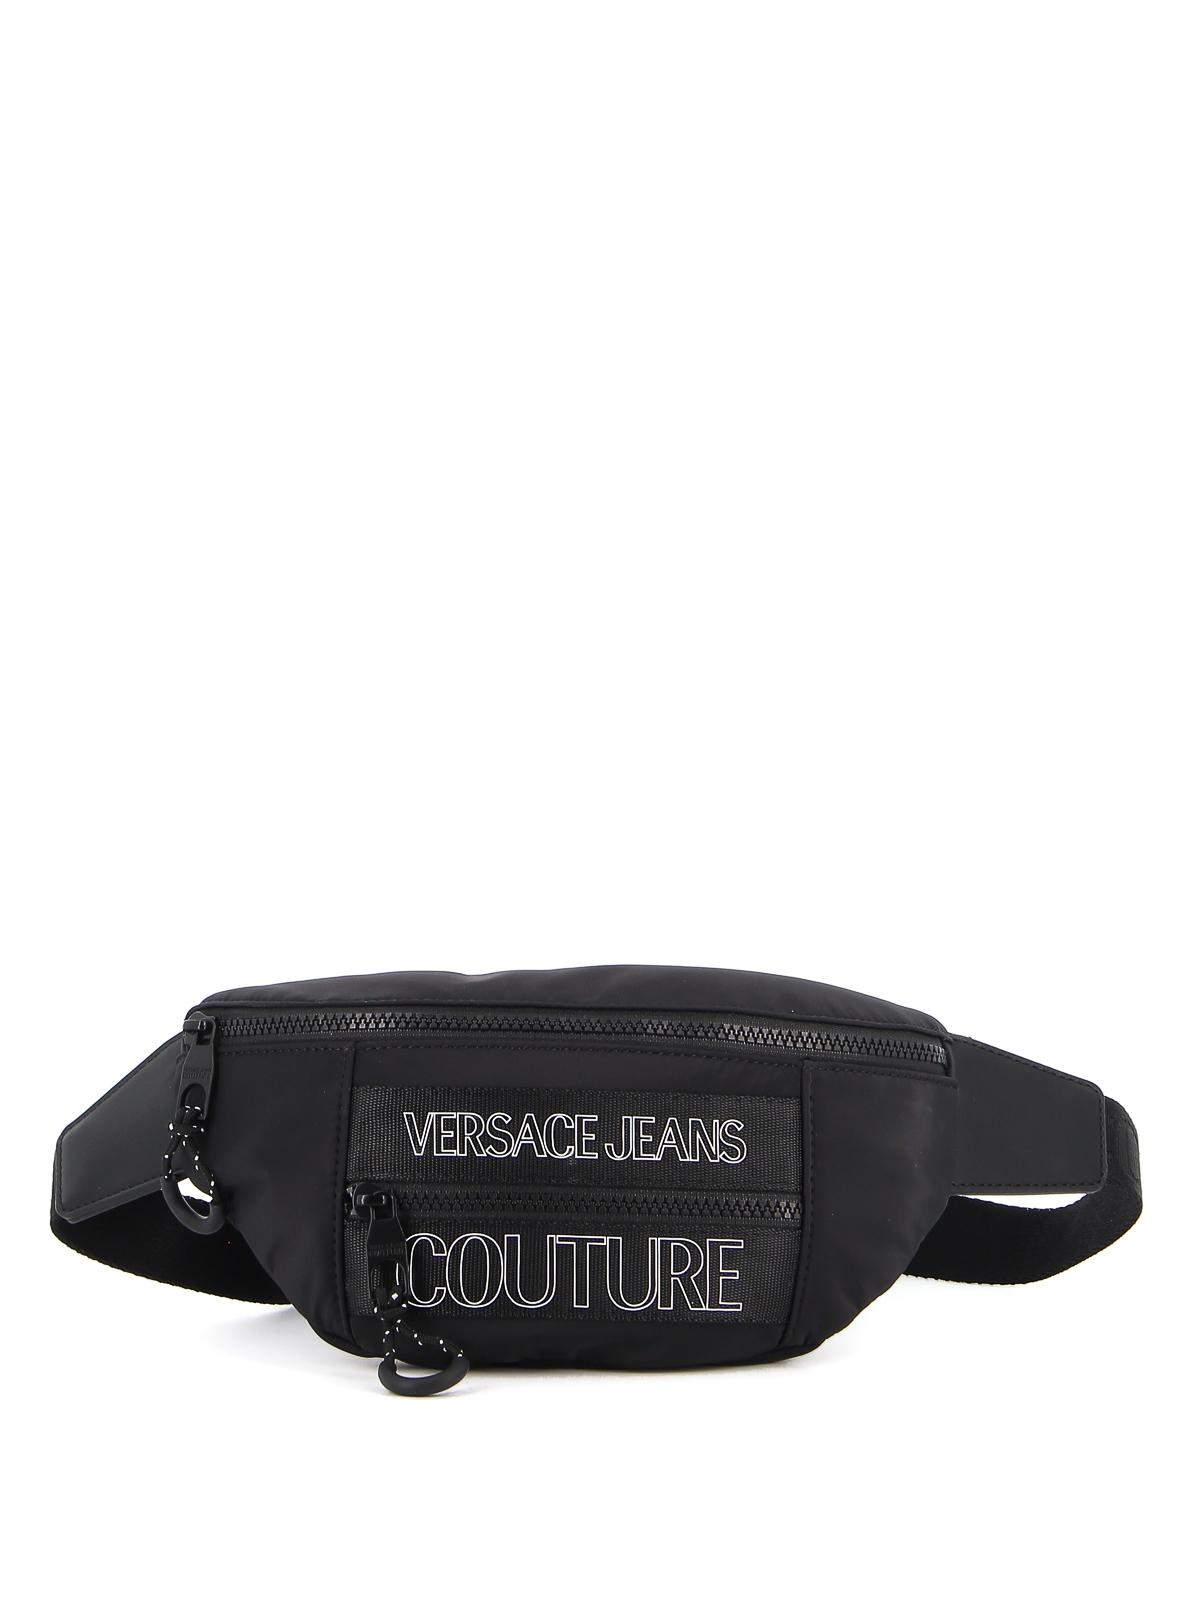 Versace Jeans Couture Bags GROS GRAIN LOGO NYLON BELT